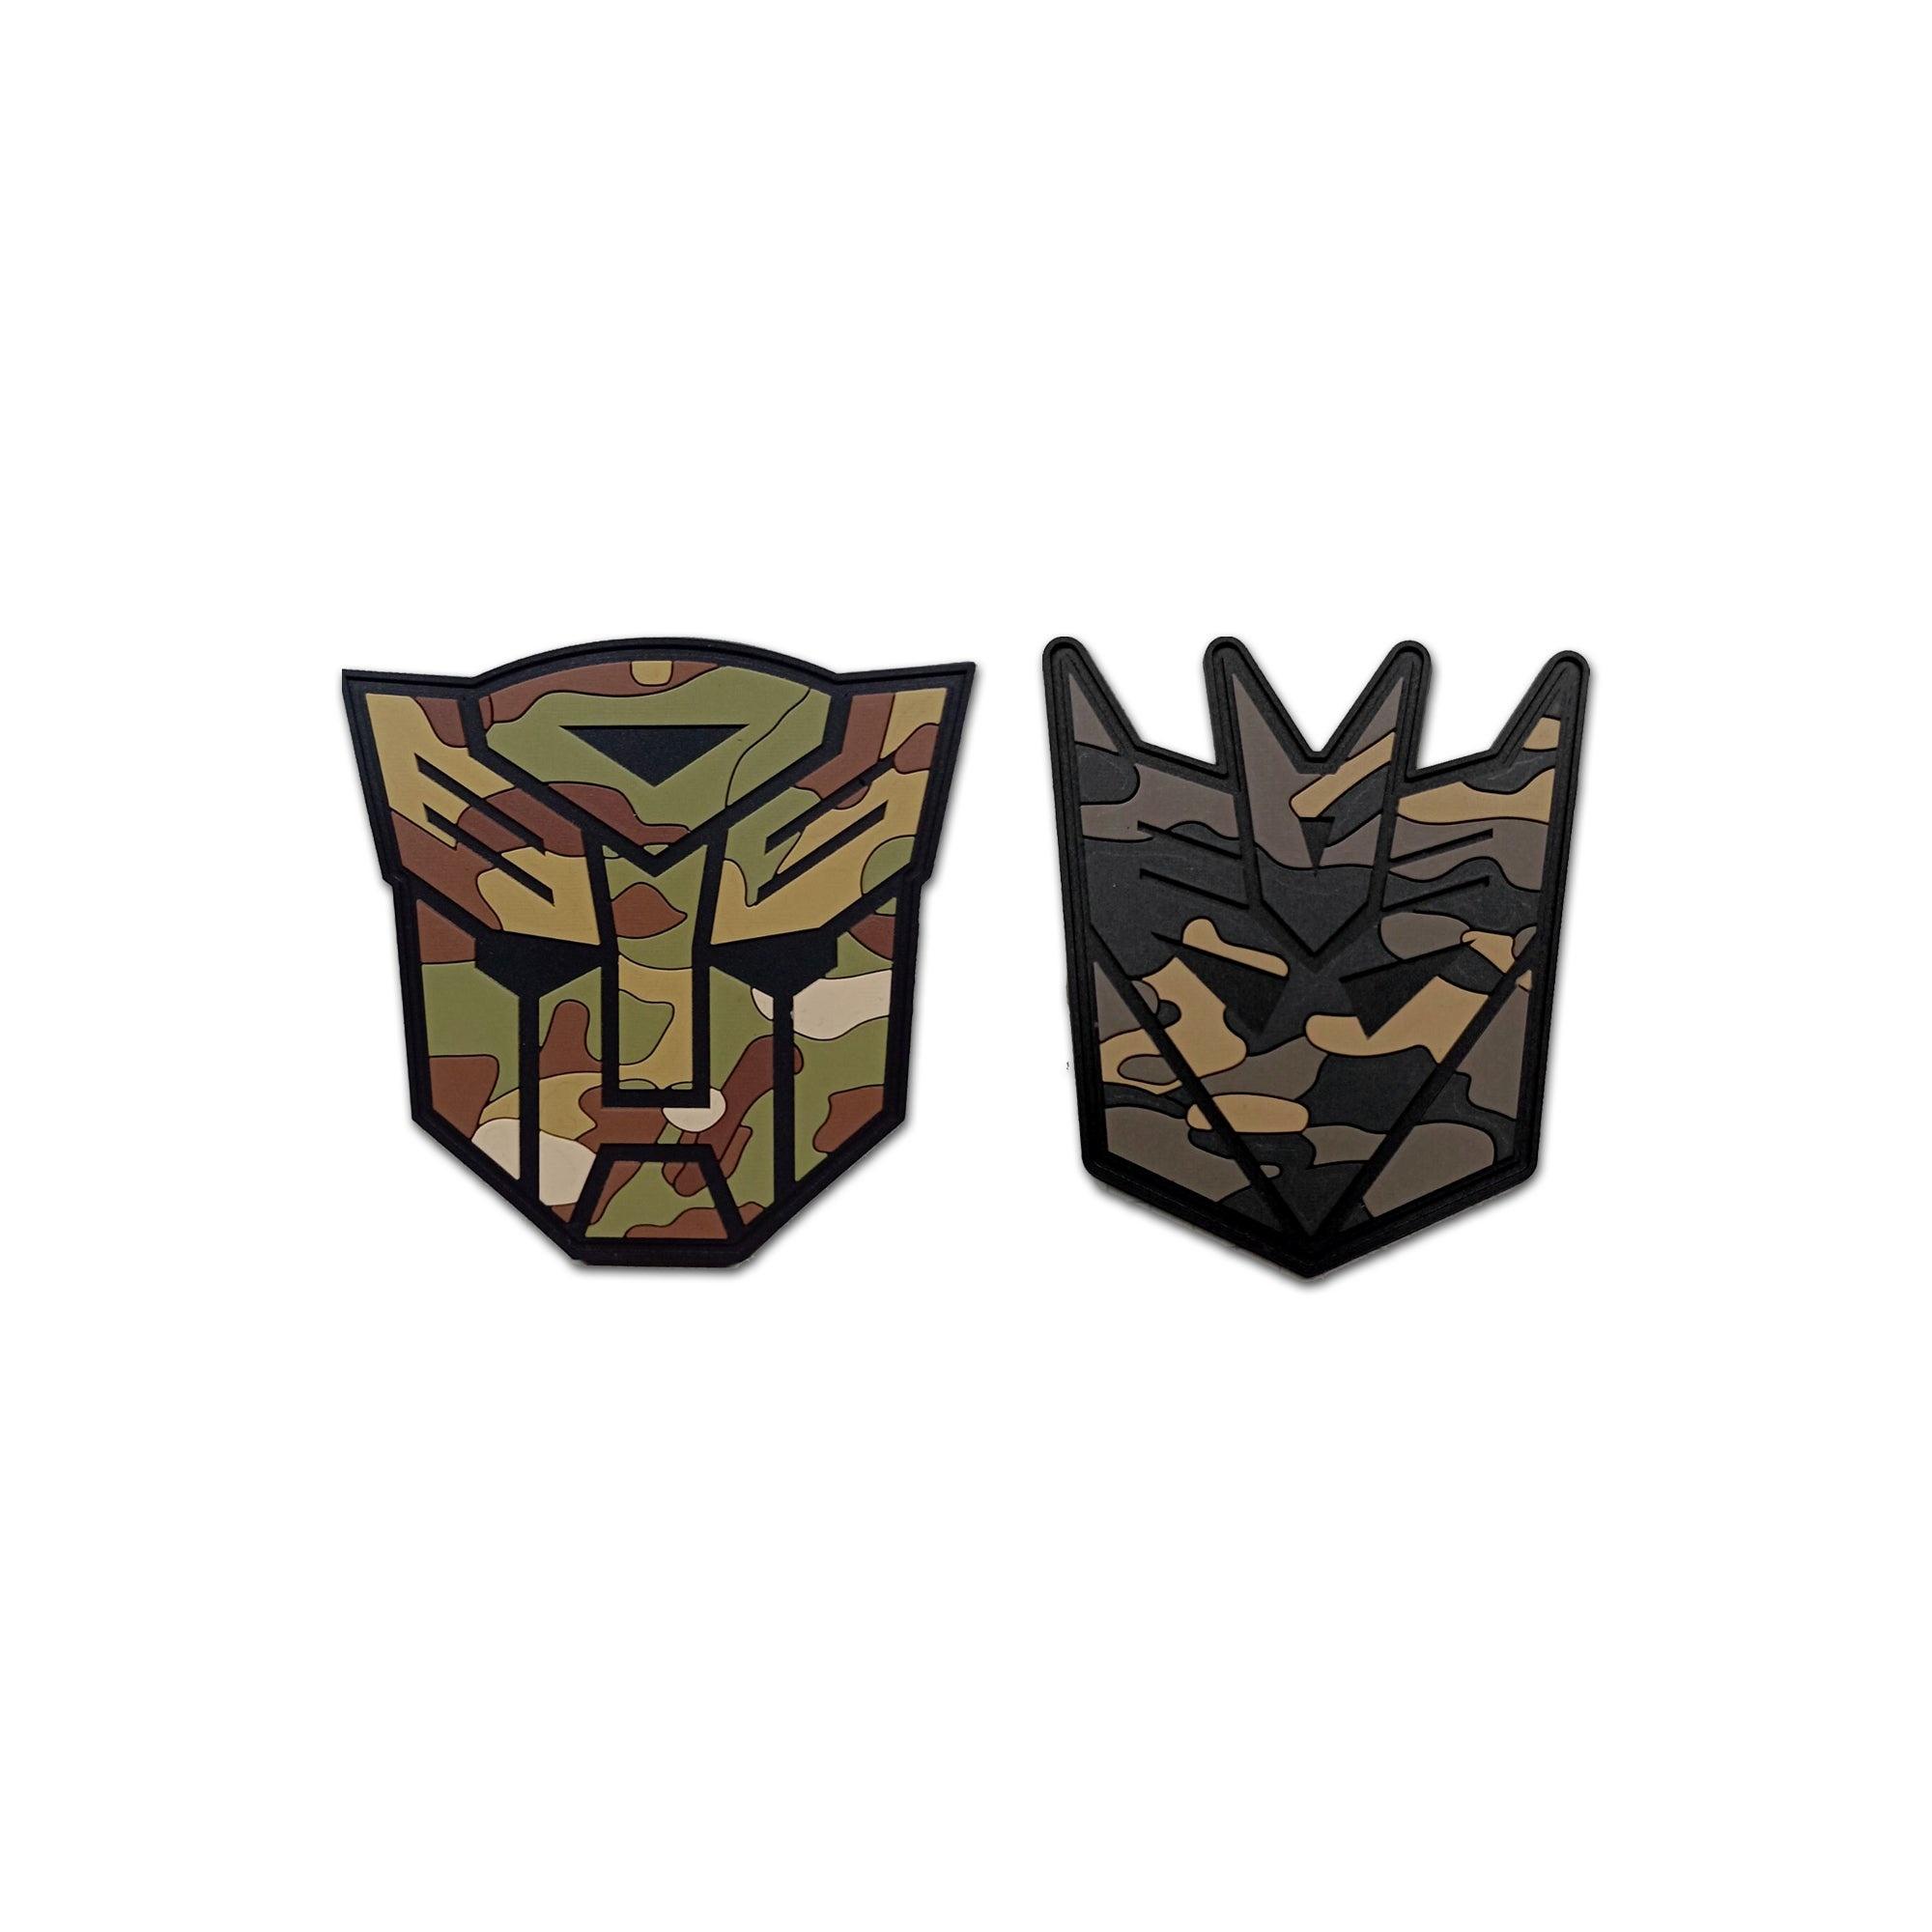 TAM TAM Multicam VS Series: Autobots V Decepticons Patch